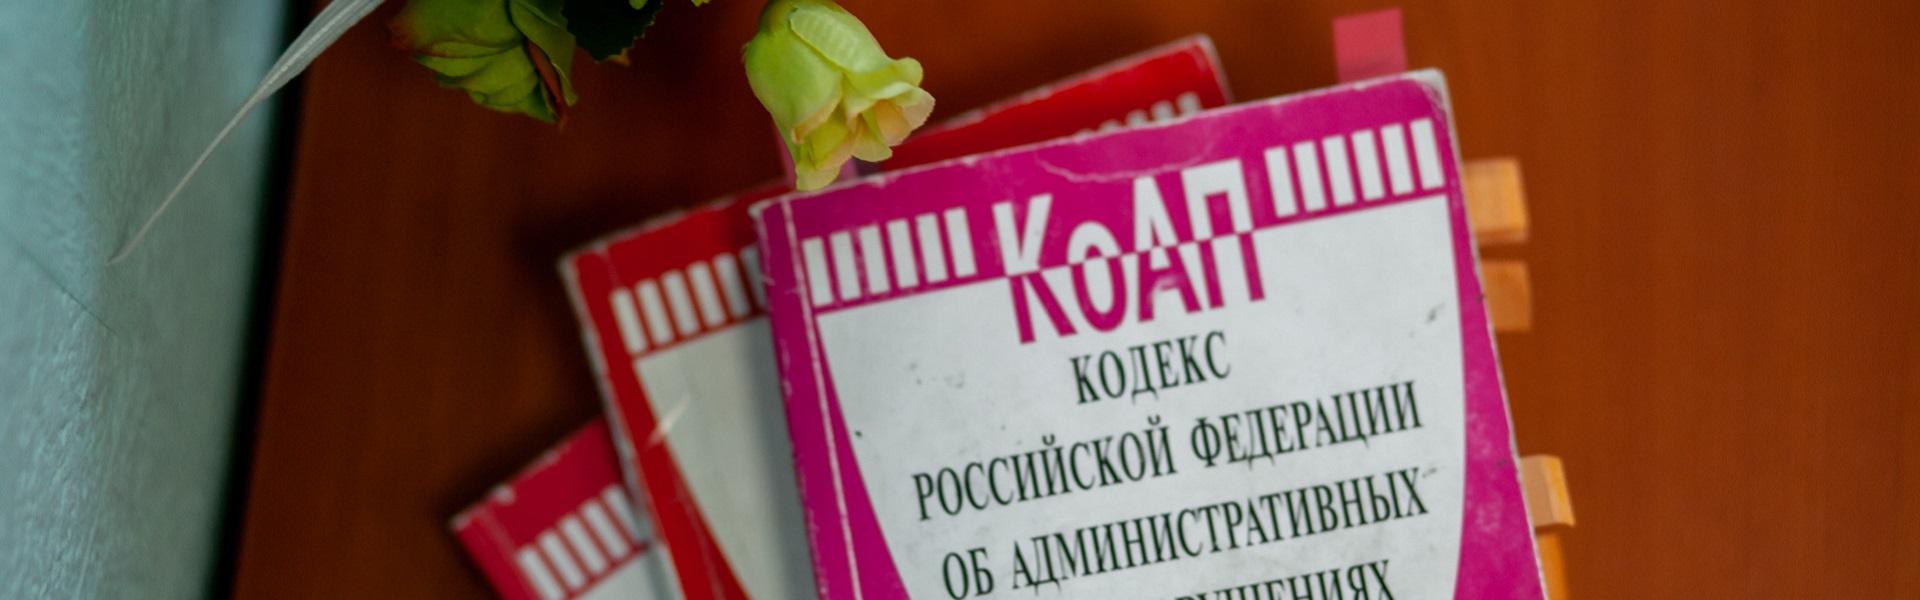 Фото с сайта cameralabs.org